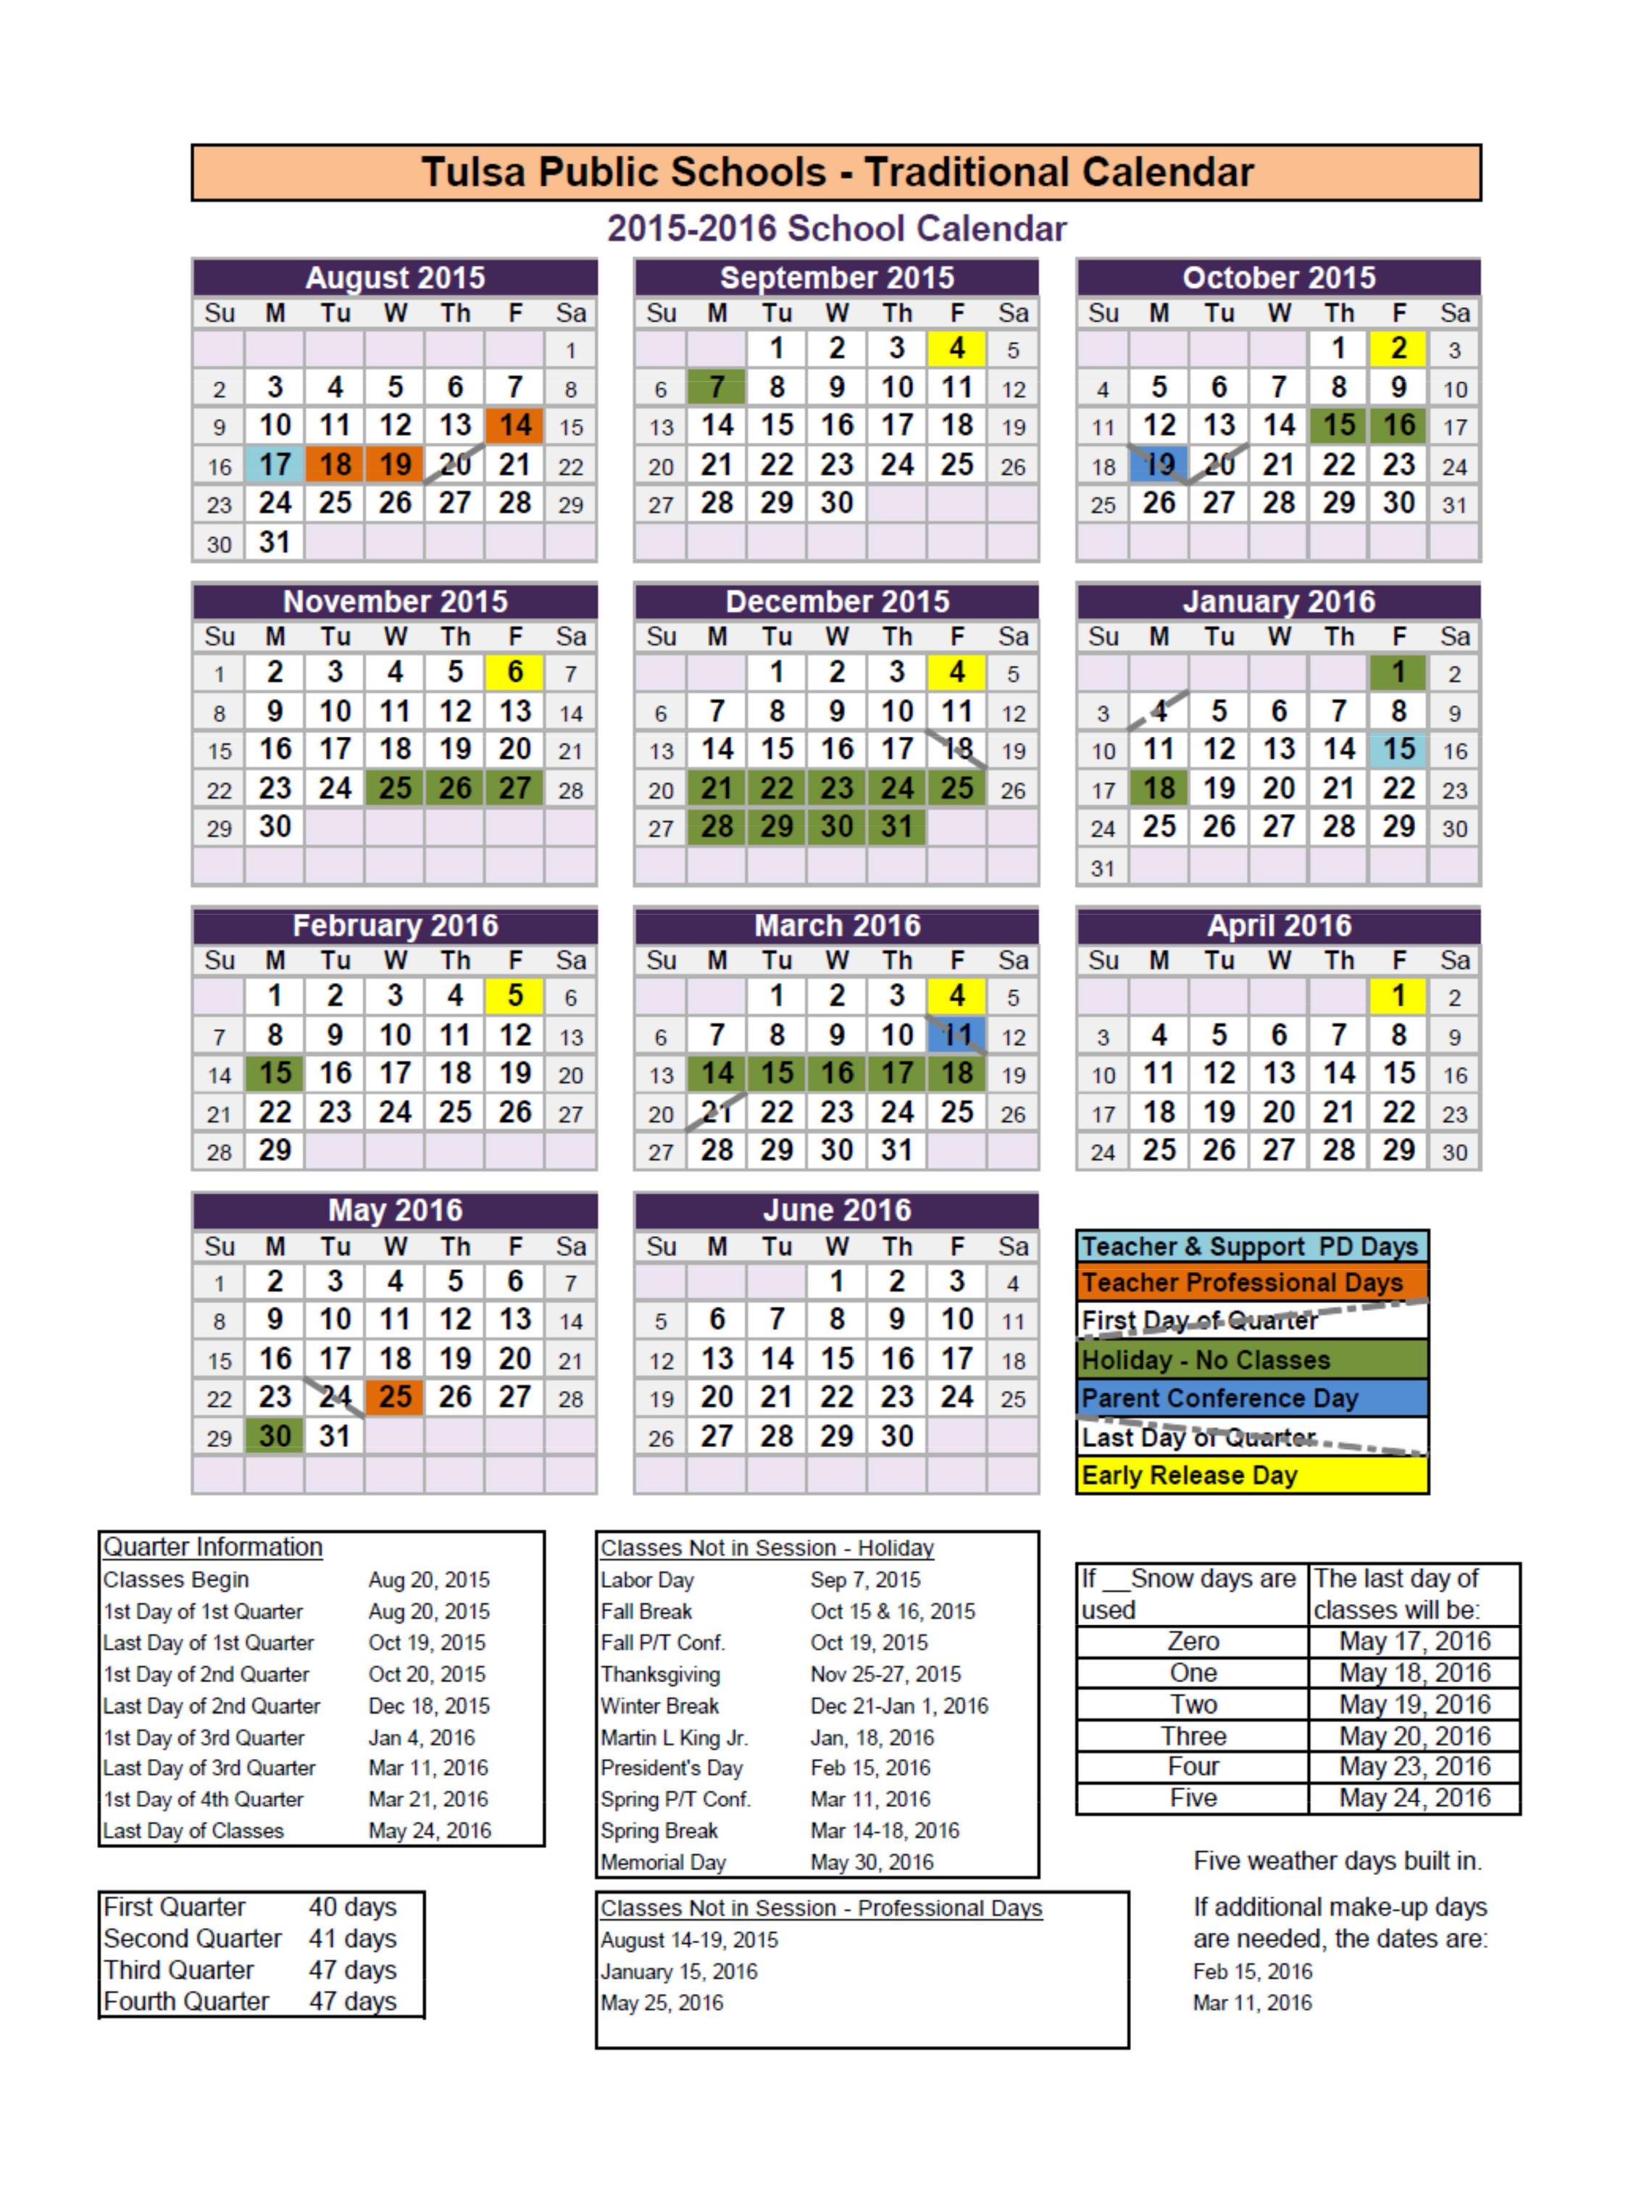 Tulsa Public Schools Finalize Calendar Years Through 2017 With Regard To Broken Arrow Public Schools Calendar